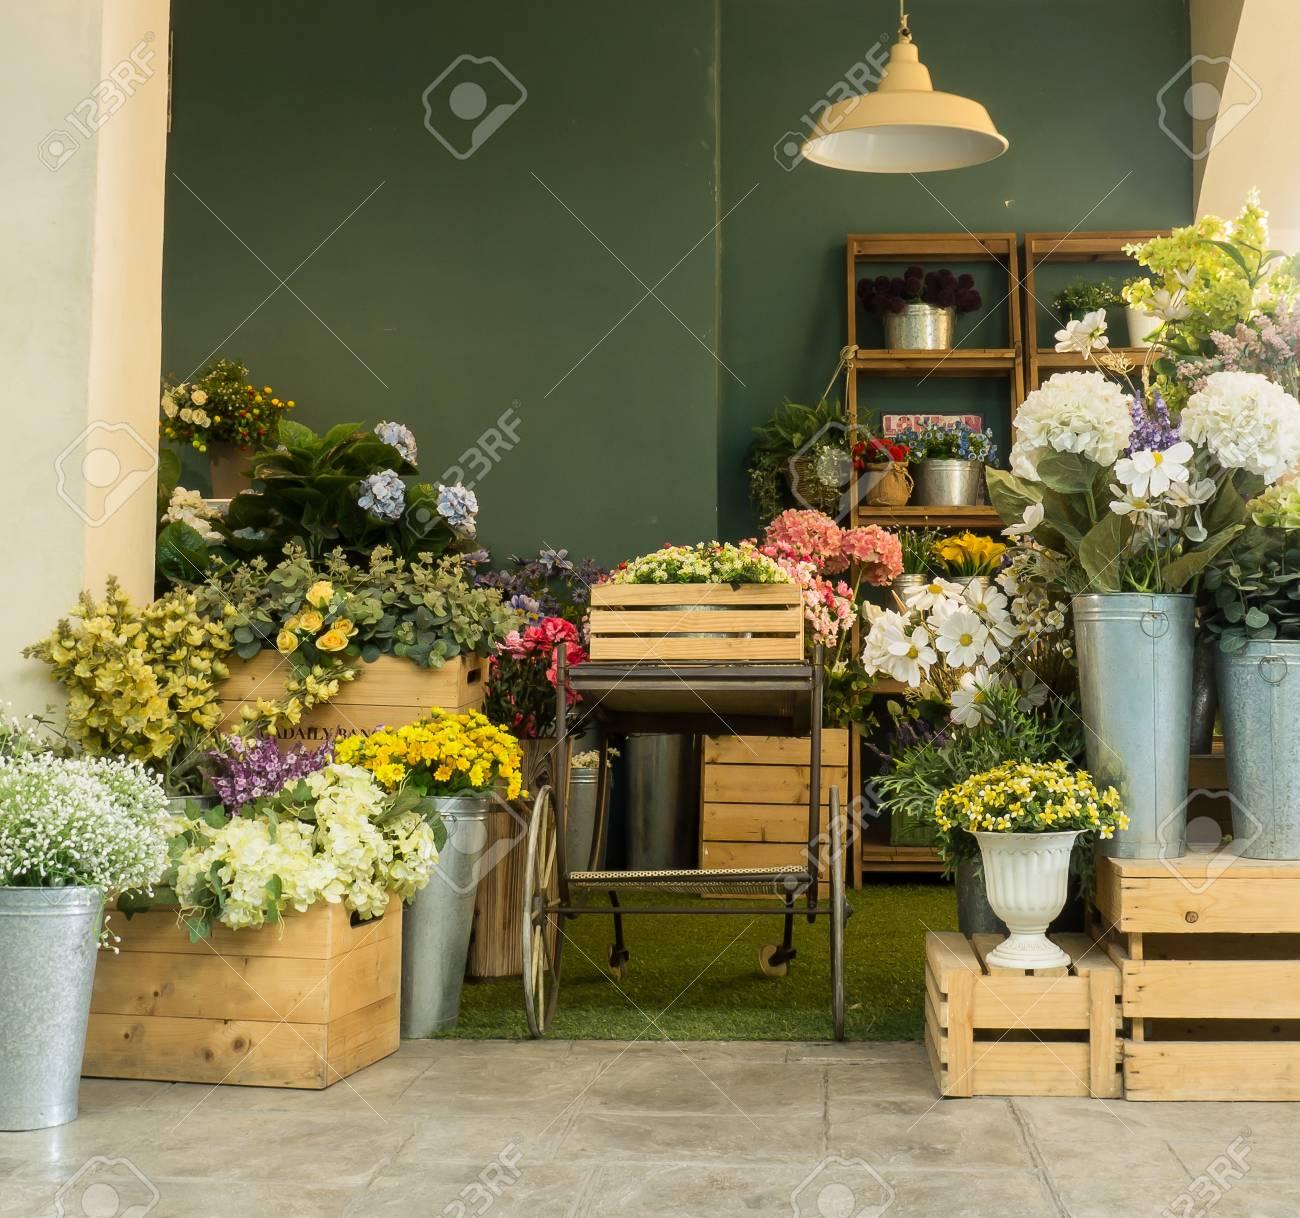 Belle Décoration De Jardin Avec Boîte à Fleurs Et Plantes En Pot Au ...